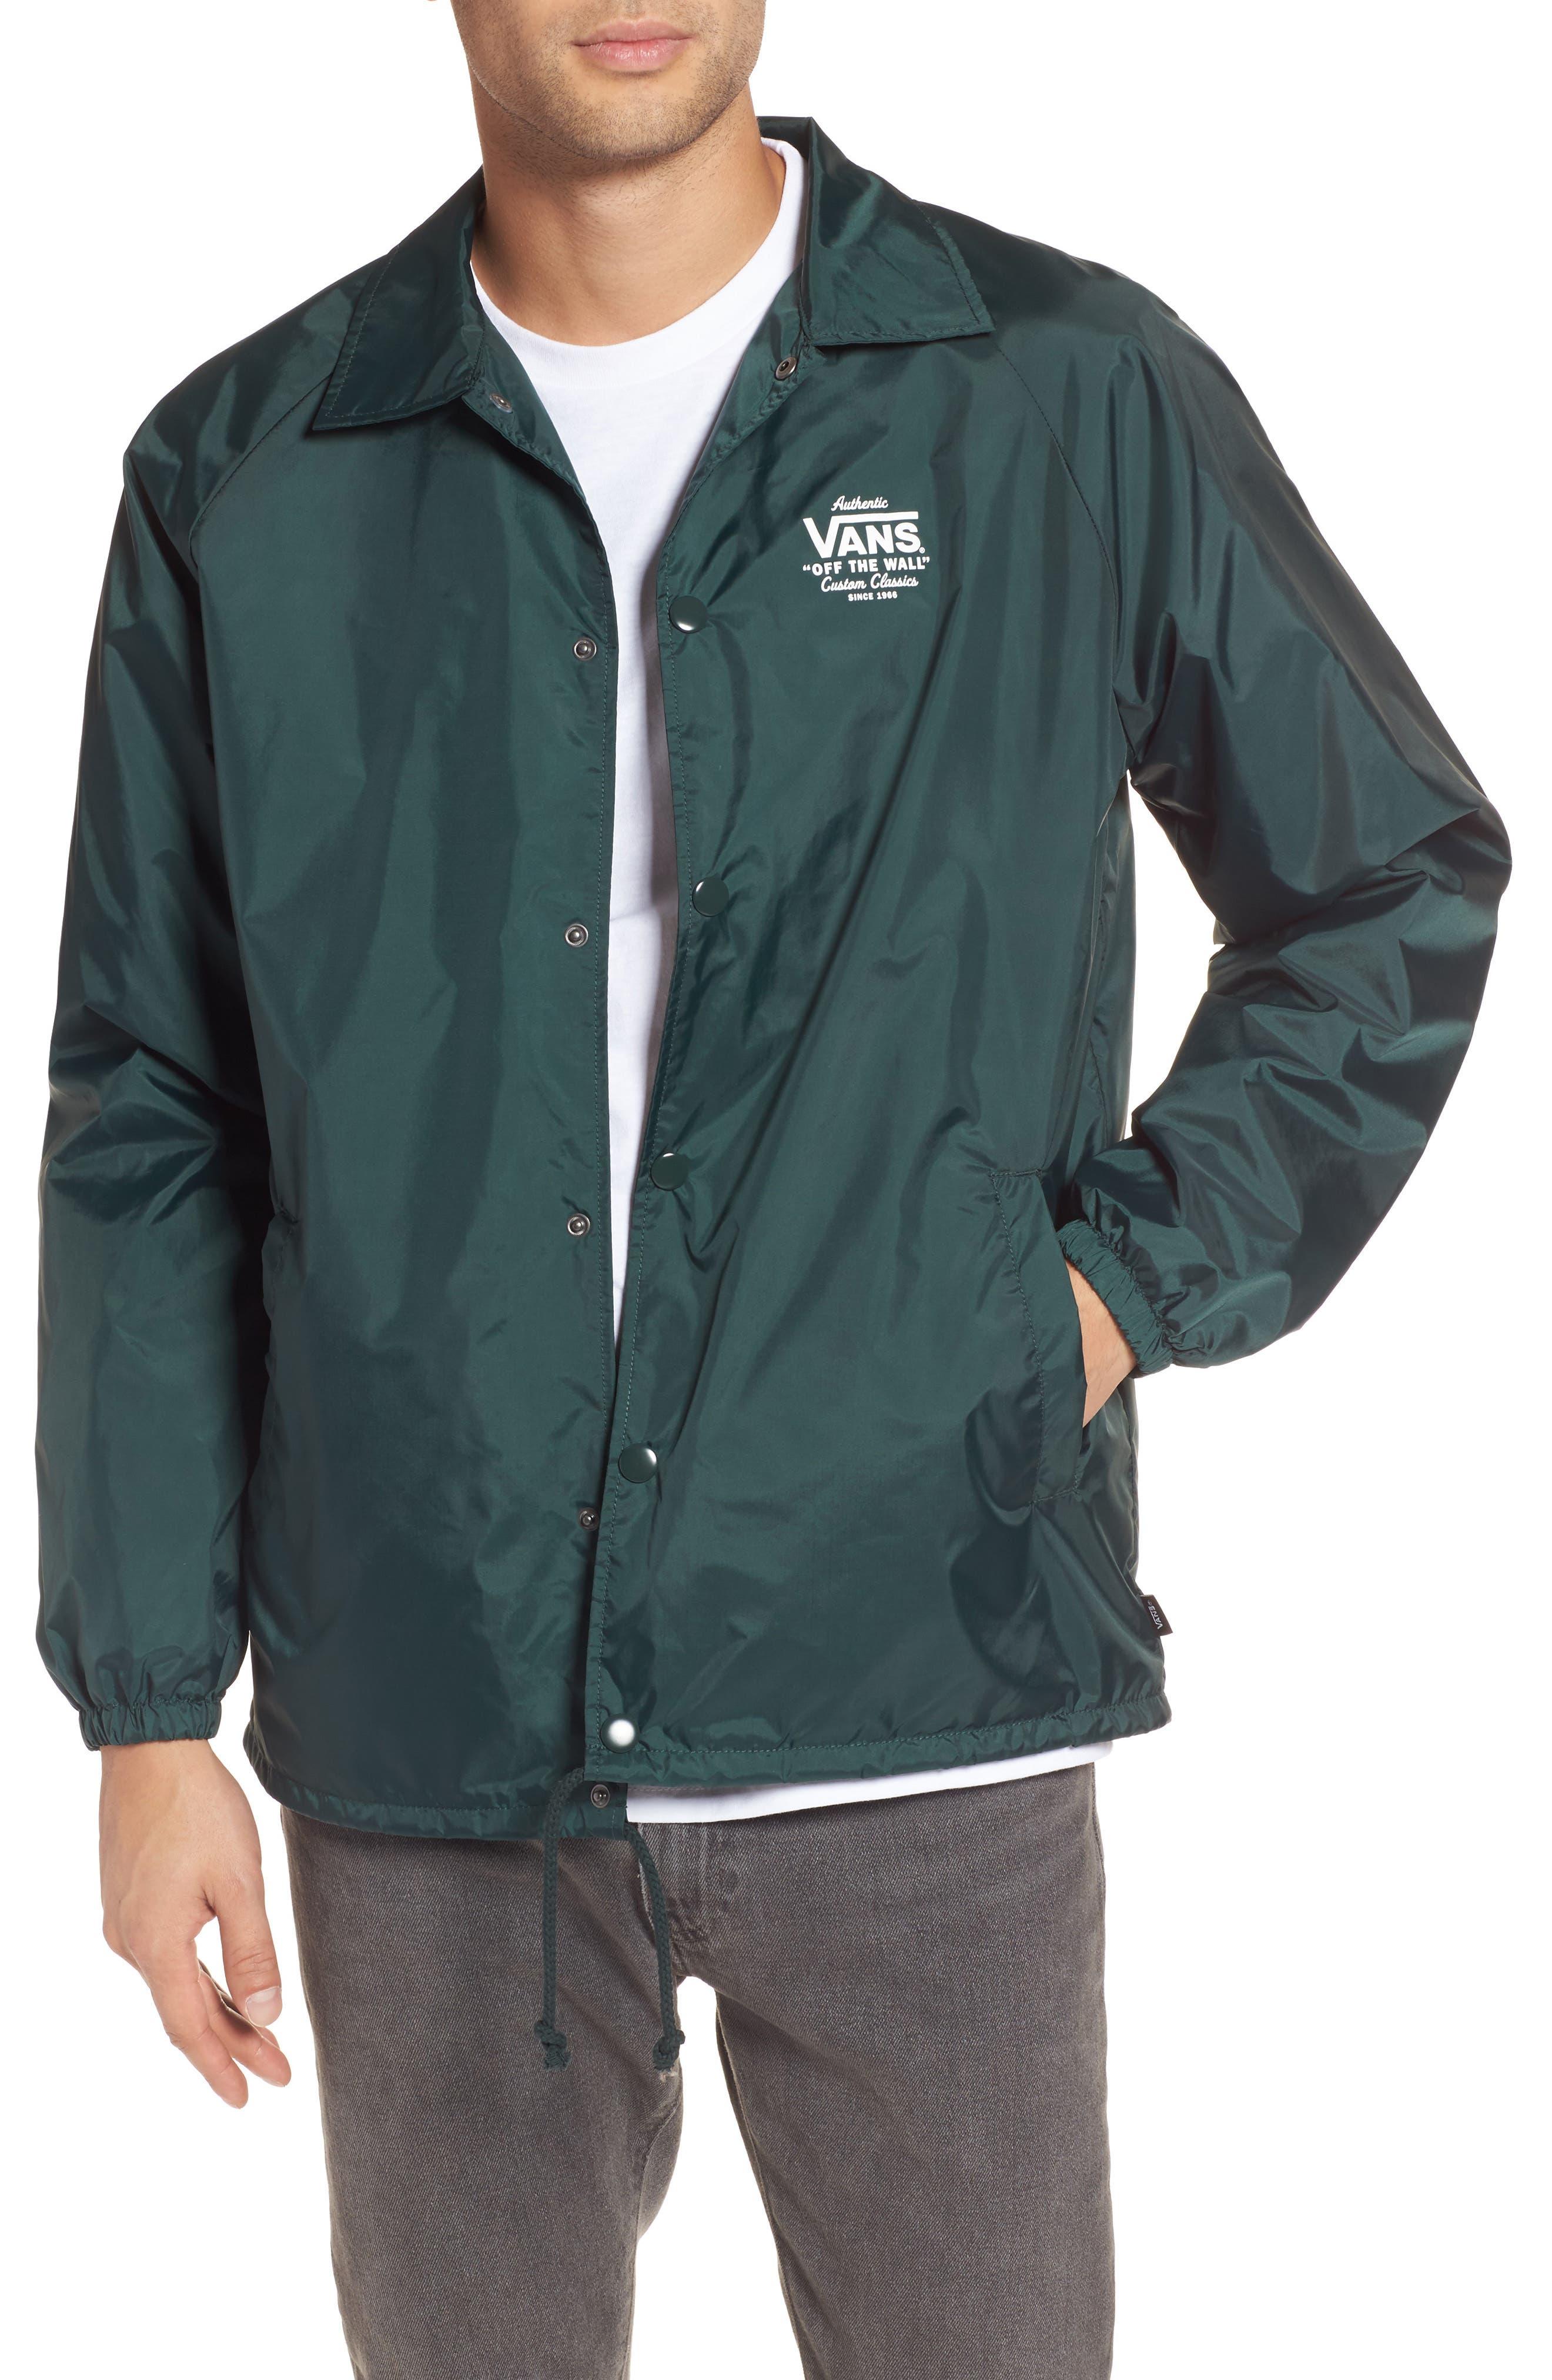 Vans Torrey Water Resistant Jacket